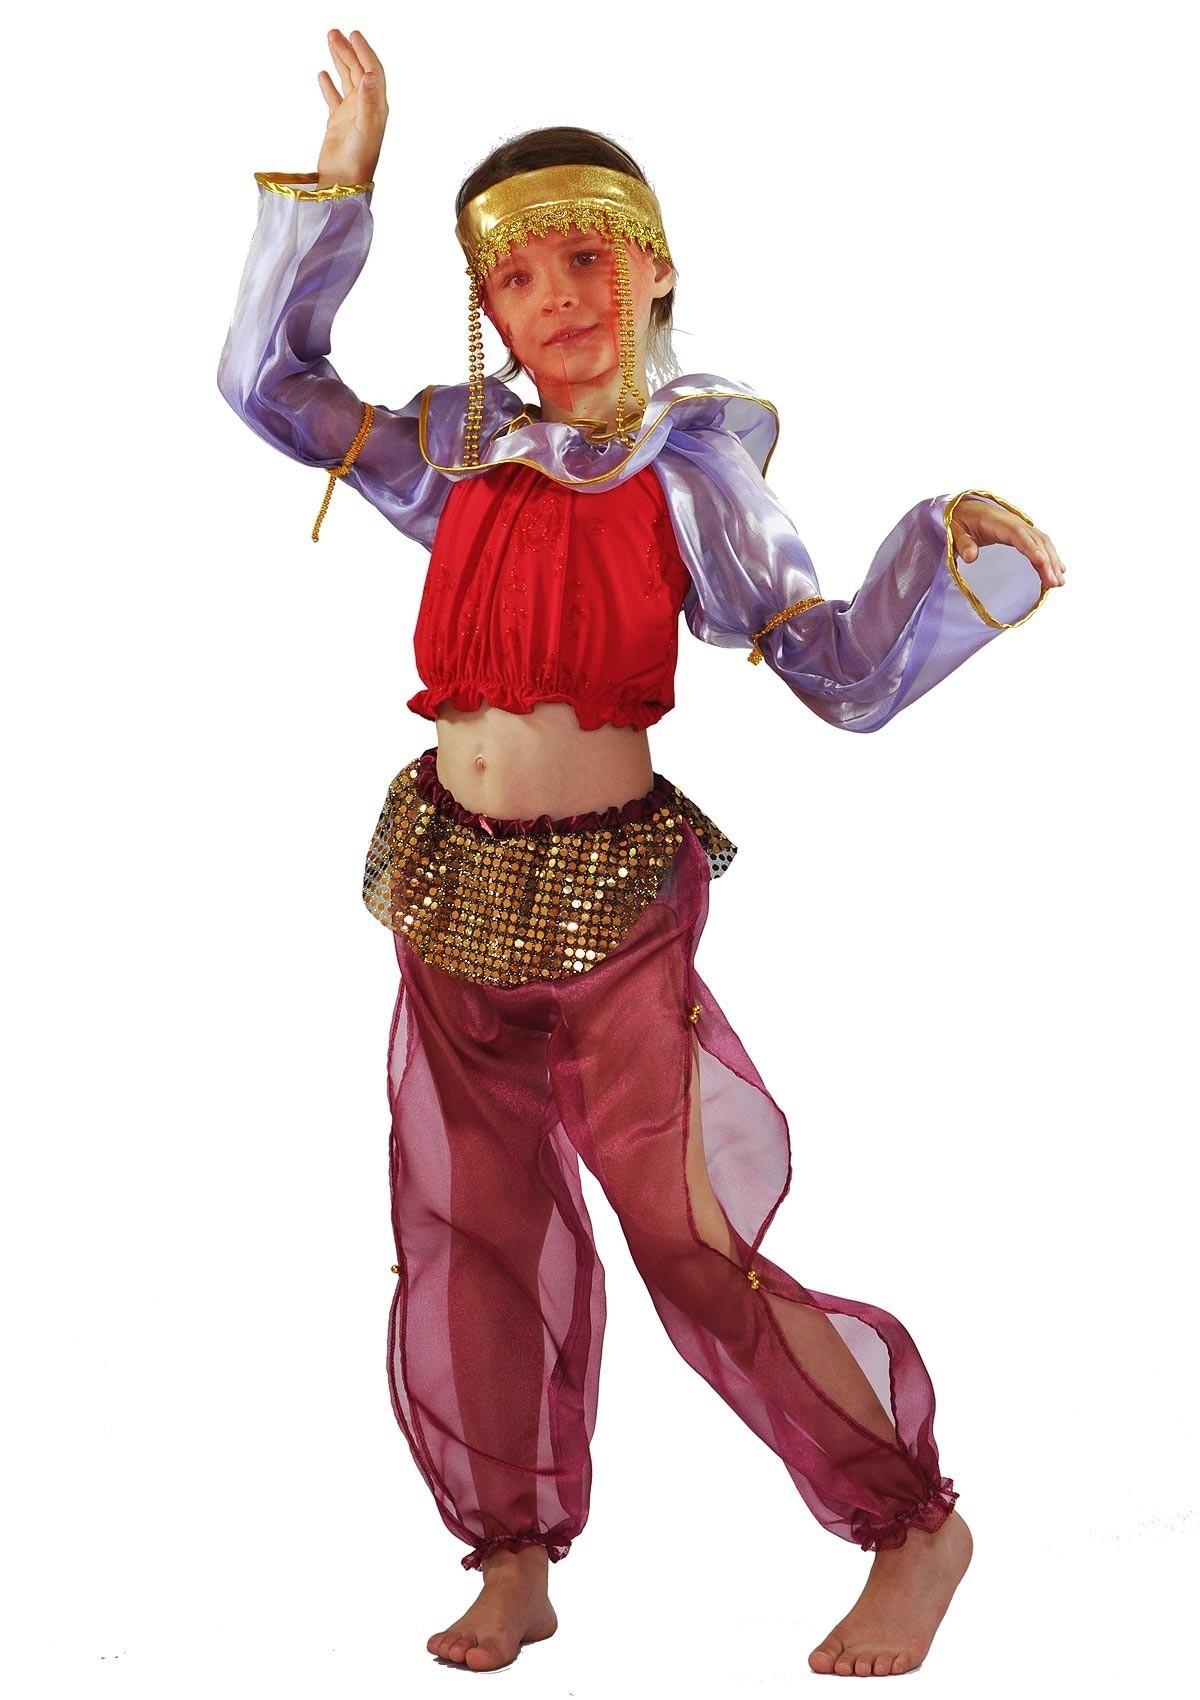 Детский костюм Восточной танцовщицы (36) где в новочебоксарске костюм восточной красавицы детский